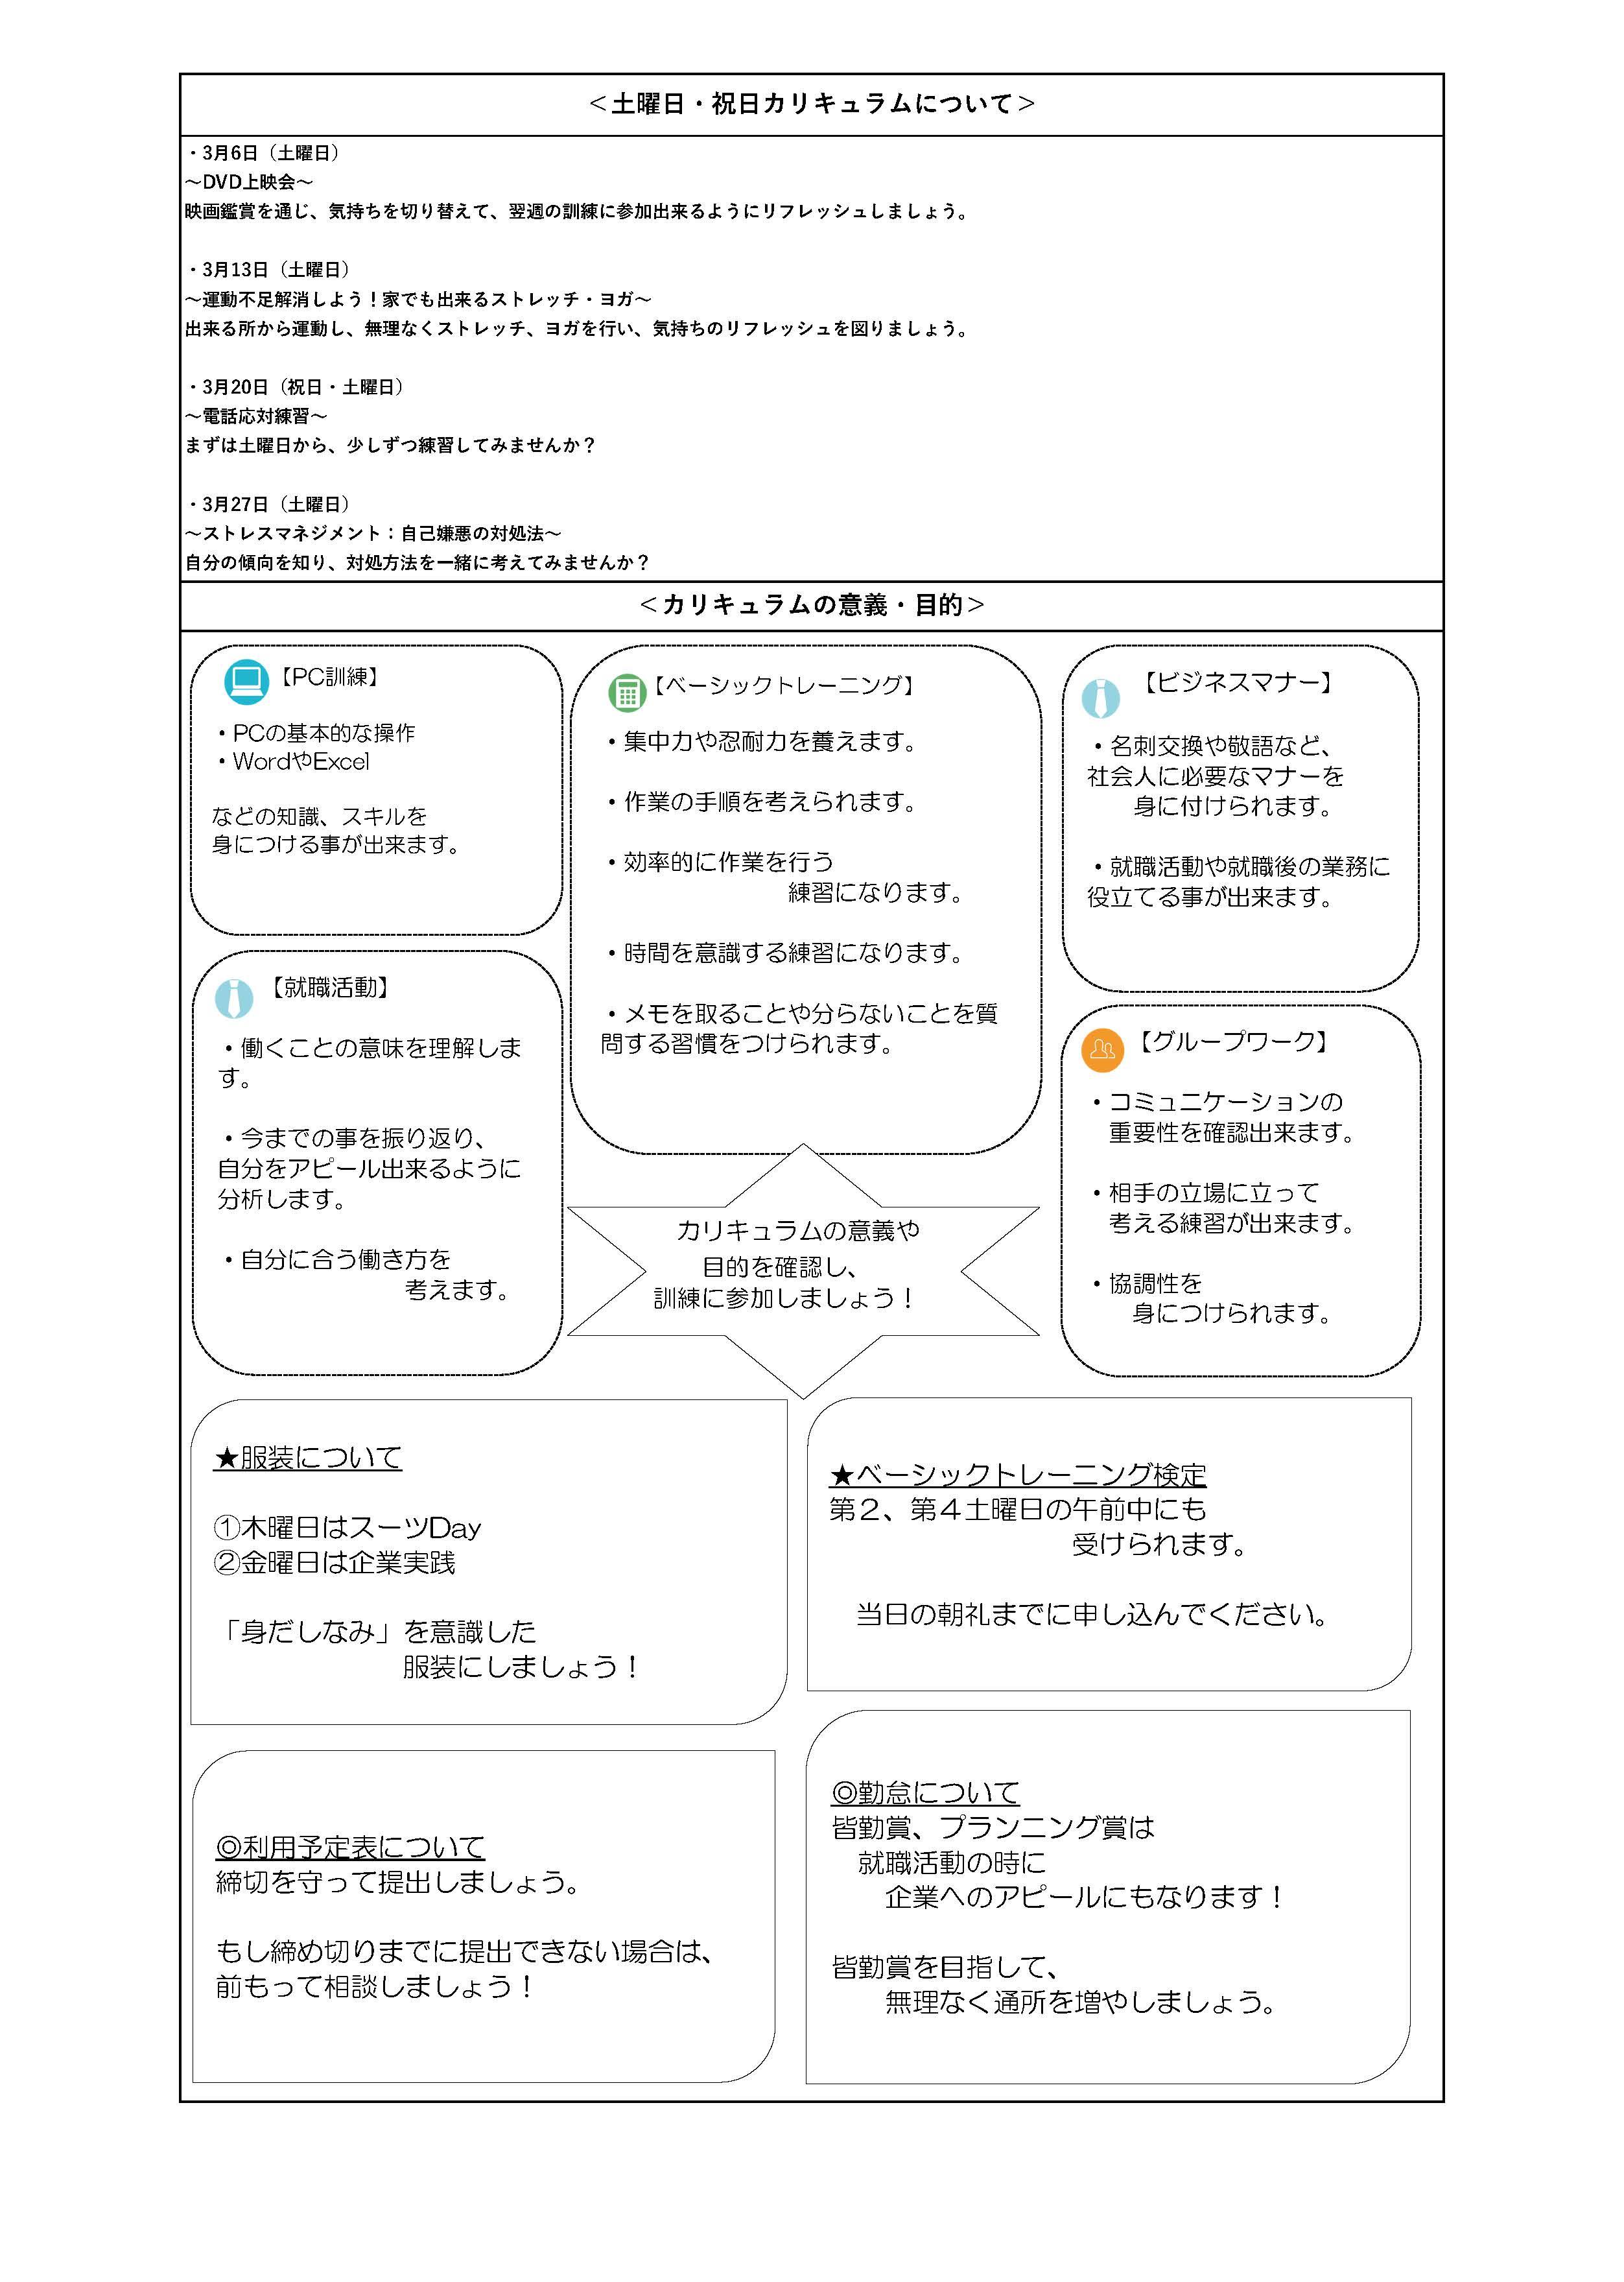 川越駅前第3センター20210222差込文書_ページ_2